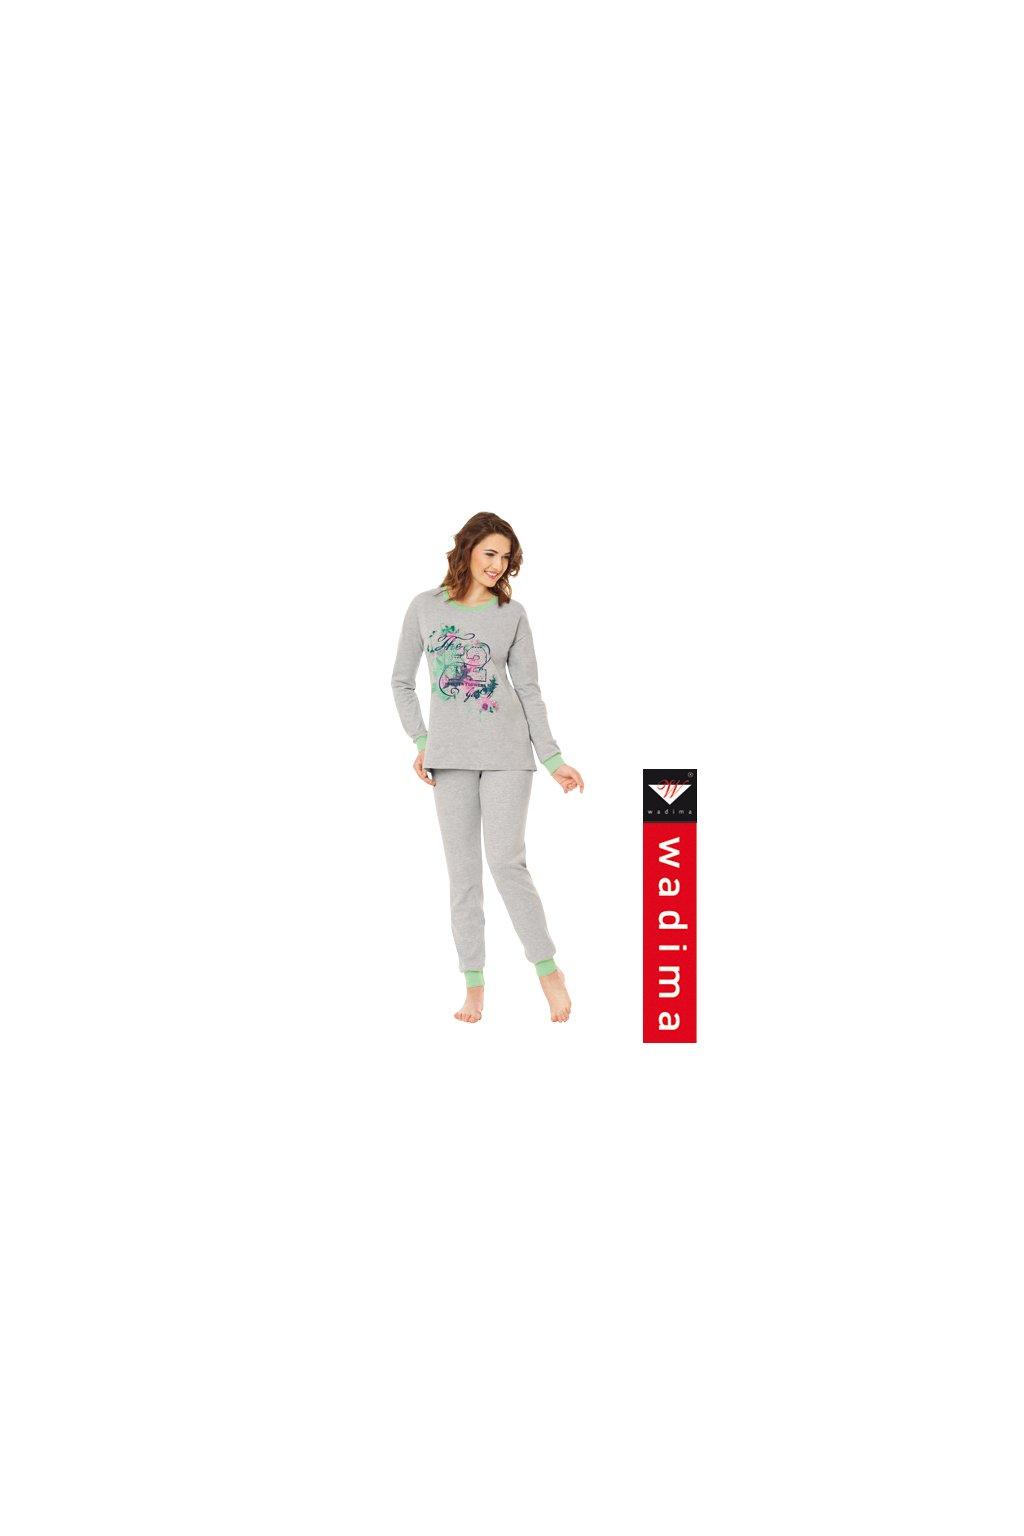 Dámské pyžamo s dlouhým rukávem, 104340 30, šedá